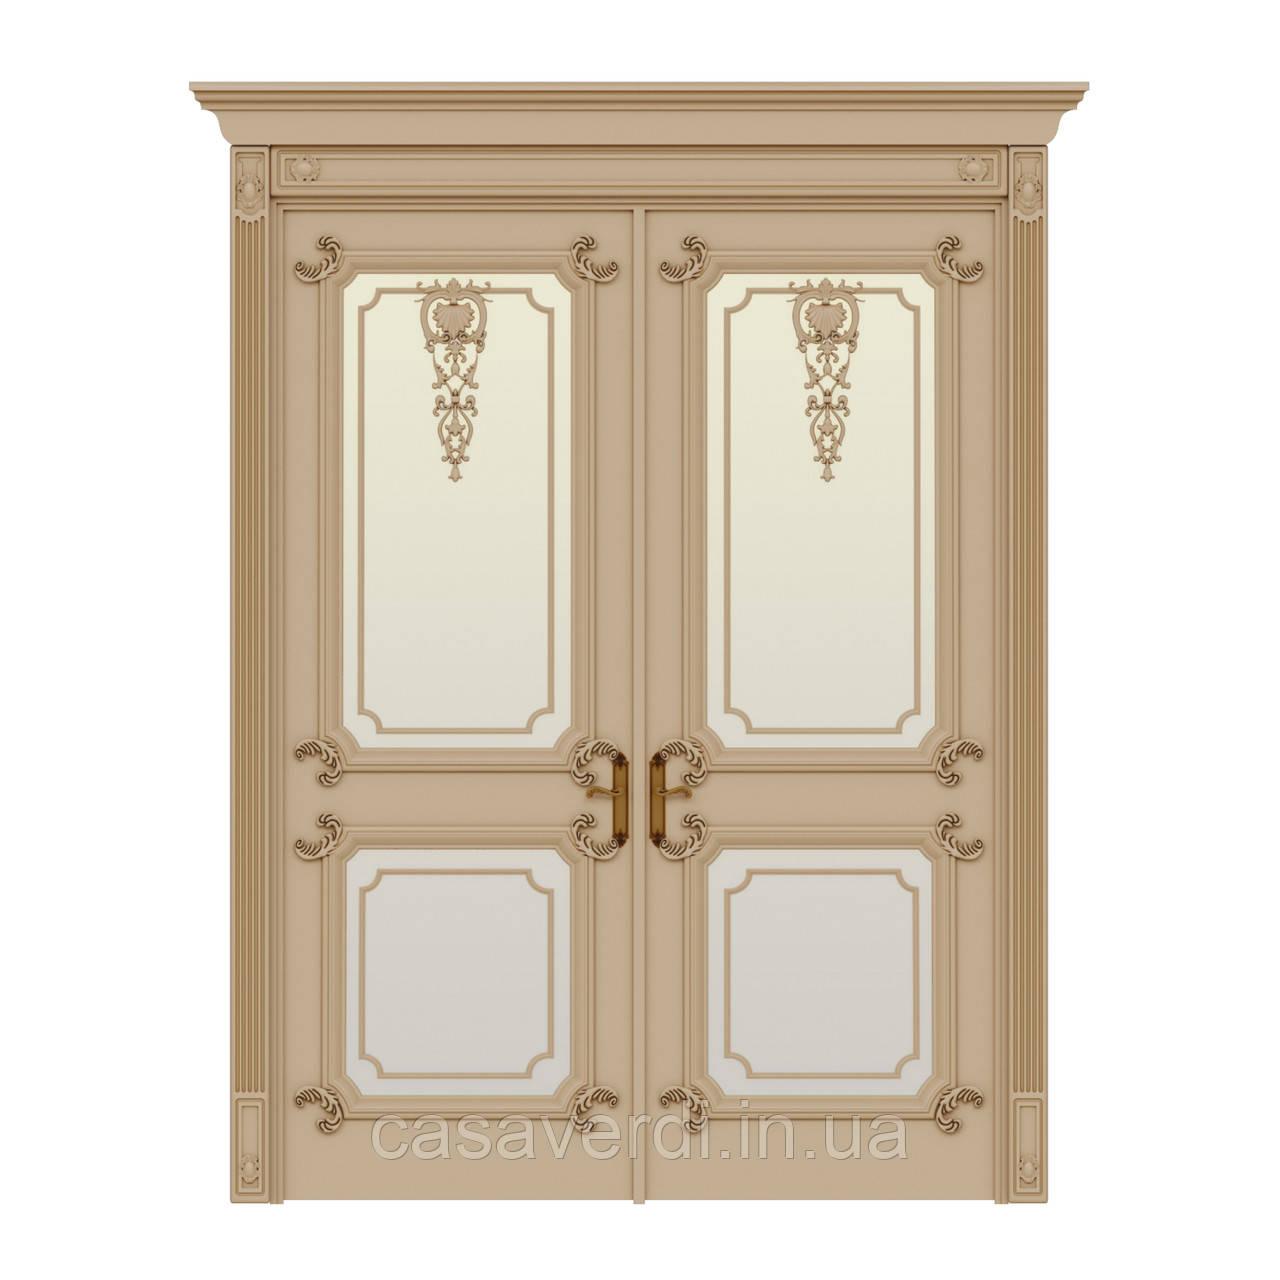 Межкомнатная дверь Casa Verdi Palazzo 10 из массива ольхи слоновая кость со стеклом